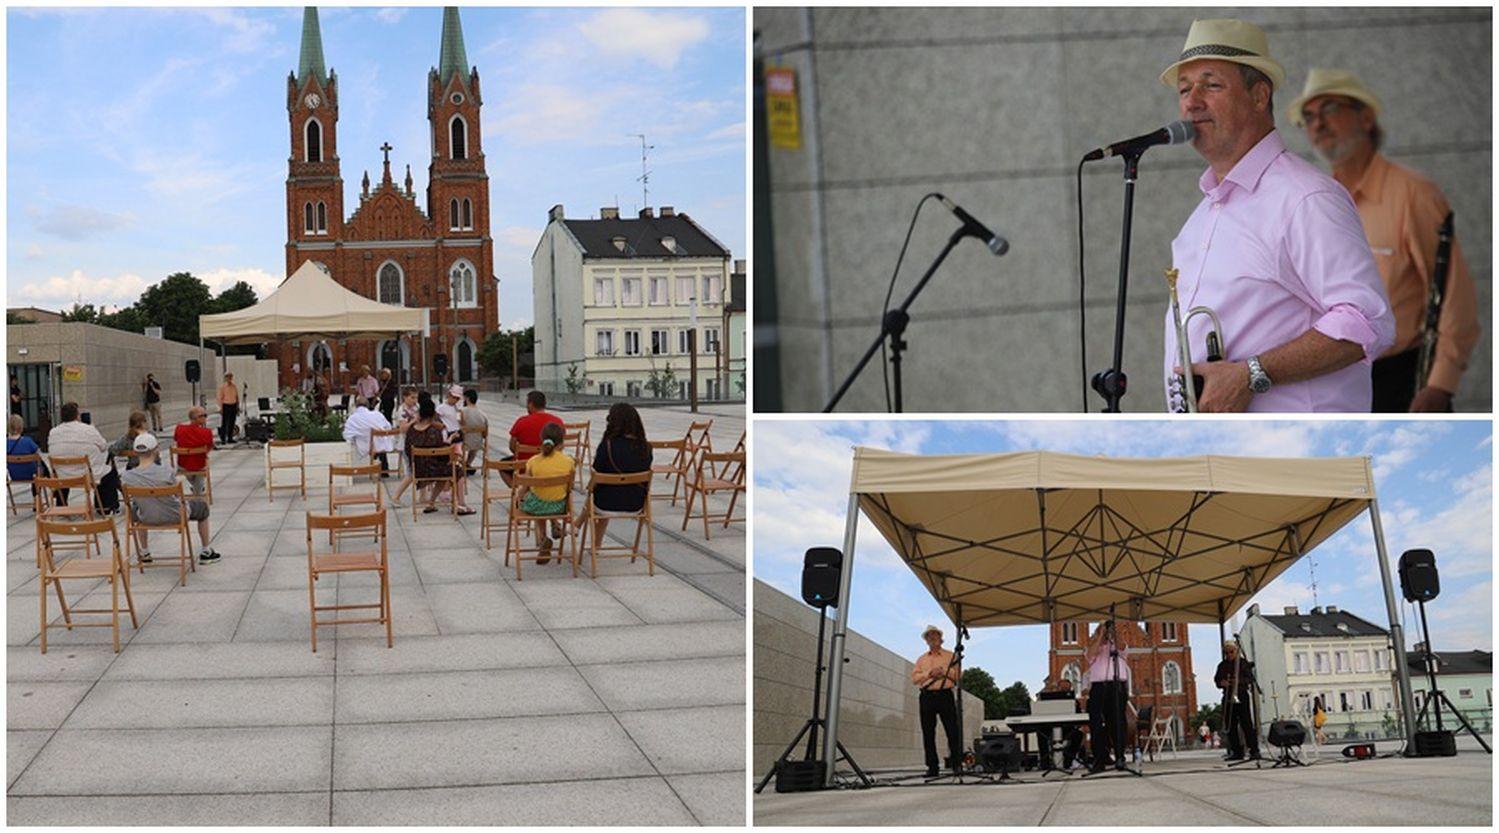 Kawa i spacery przy muzyce na żywo na kutnowskim Placu Wolności [ZDJĘCIA] - Zdjęcie główne